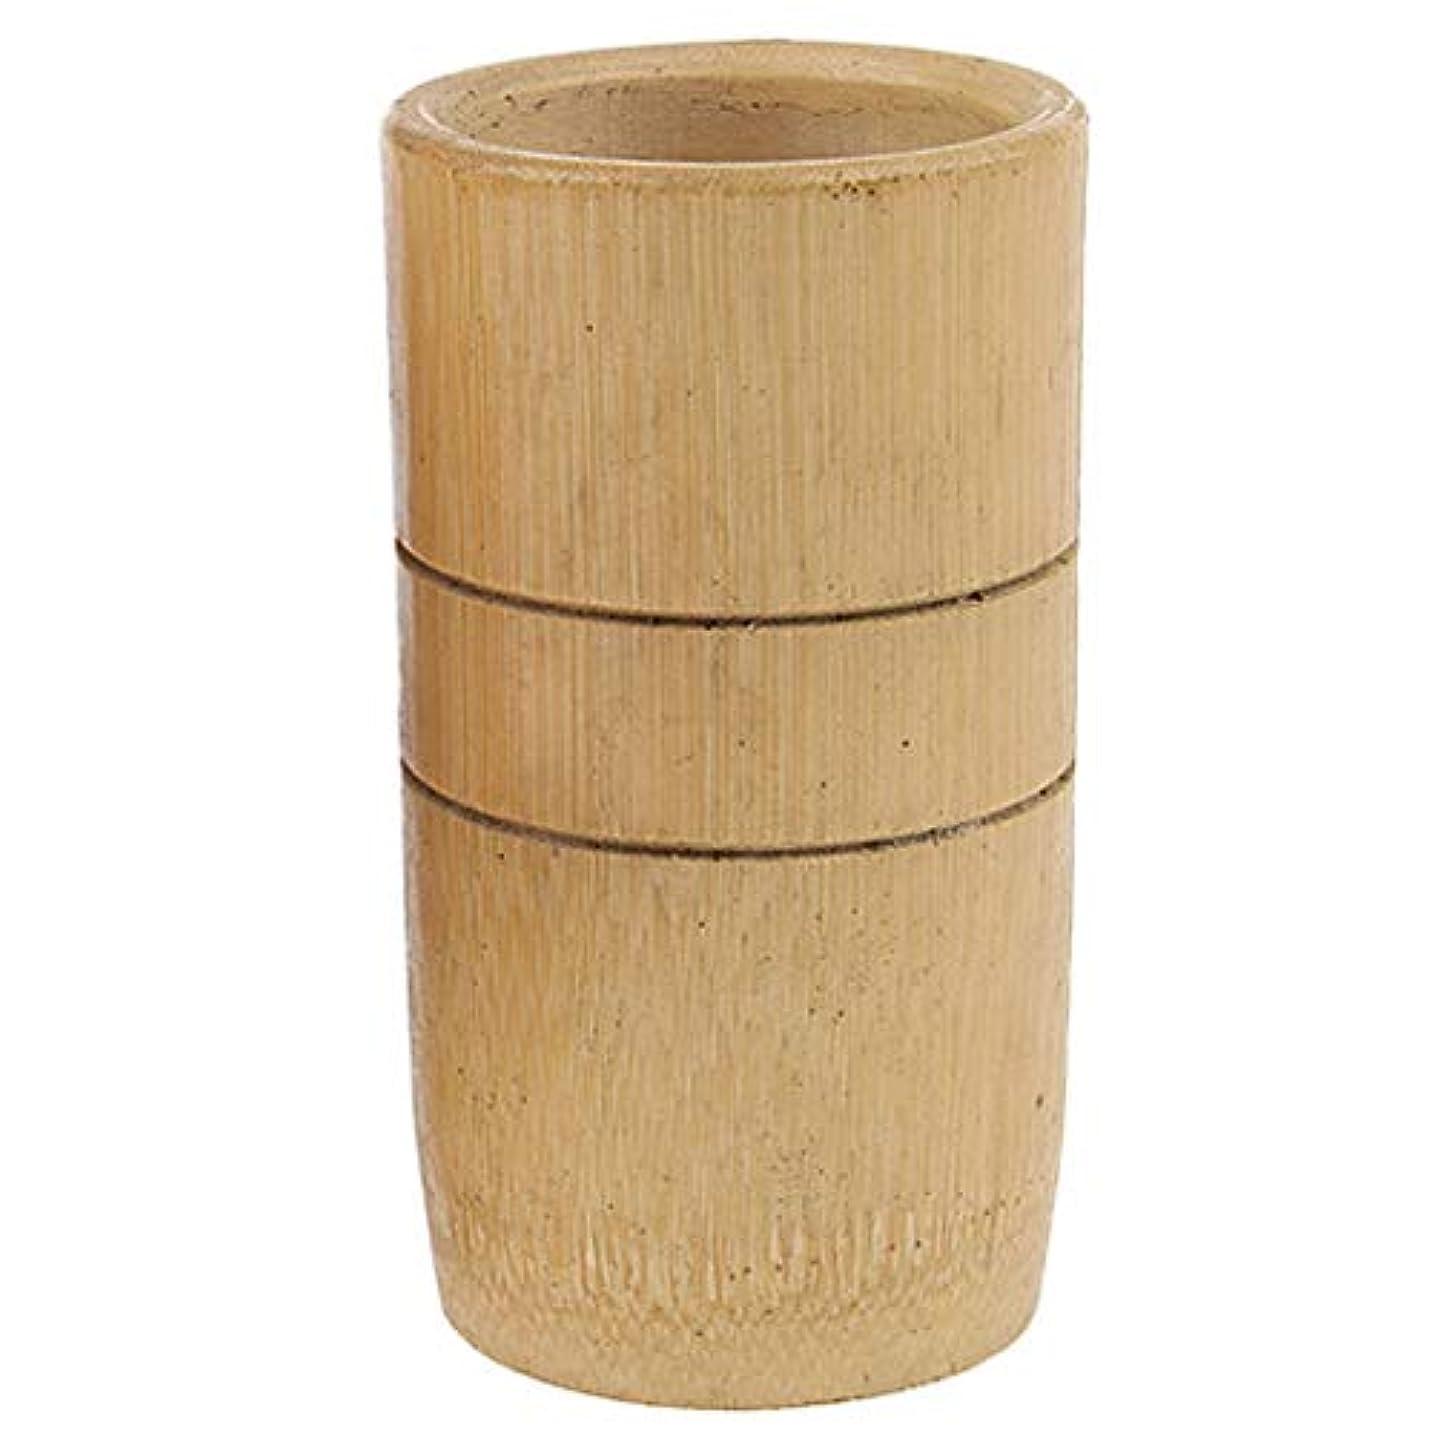 蓄積するスパーク週間2個 マッサージ吸い玉 カッピング 天然竹製 全身マッサージ用 血流促進